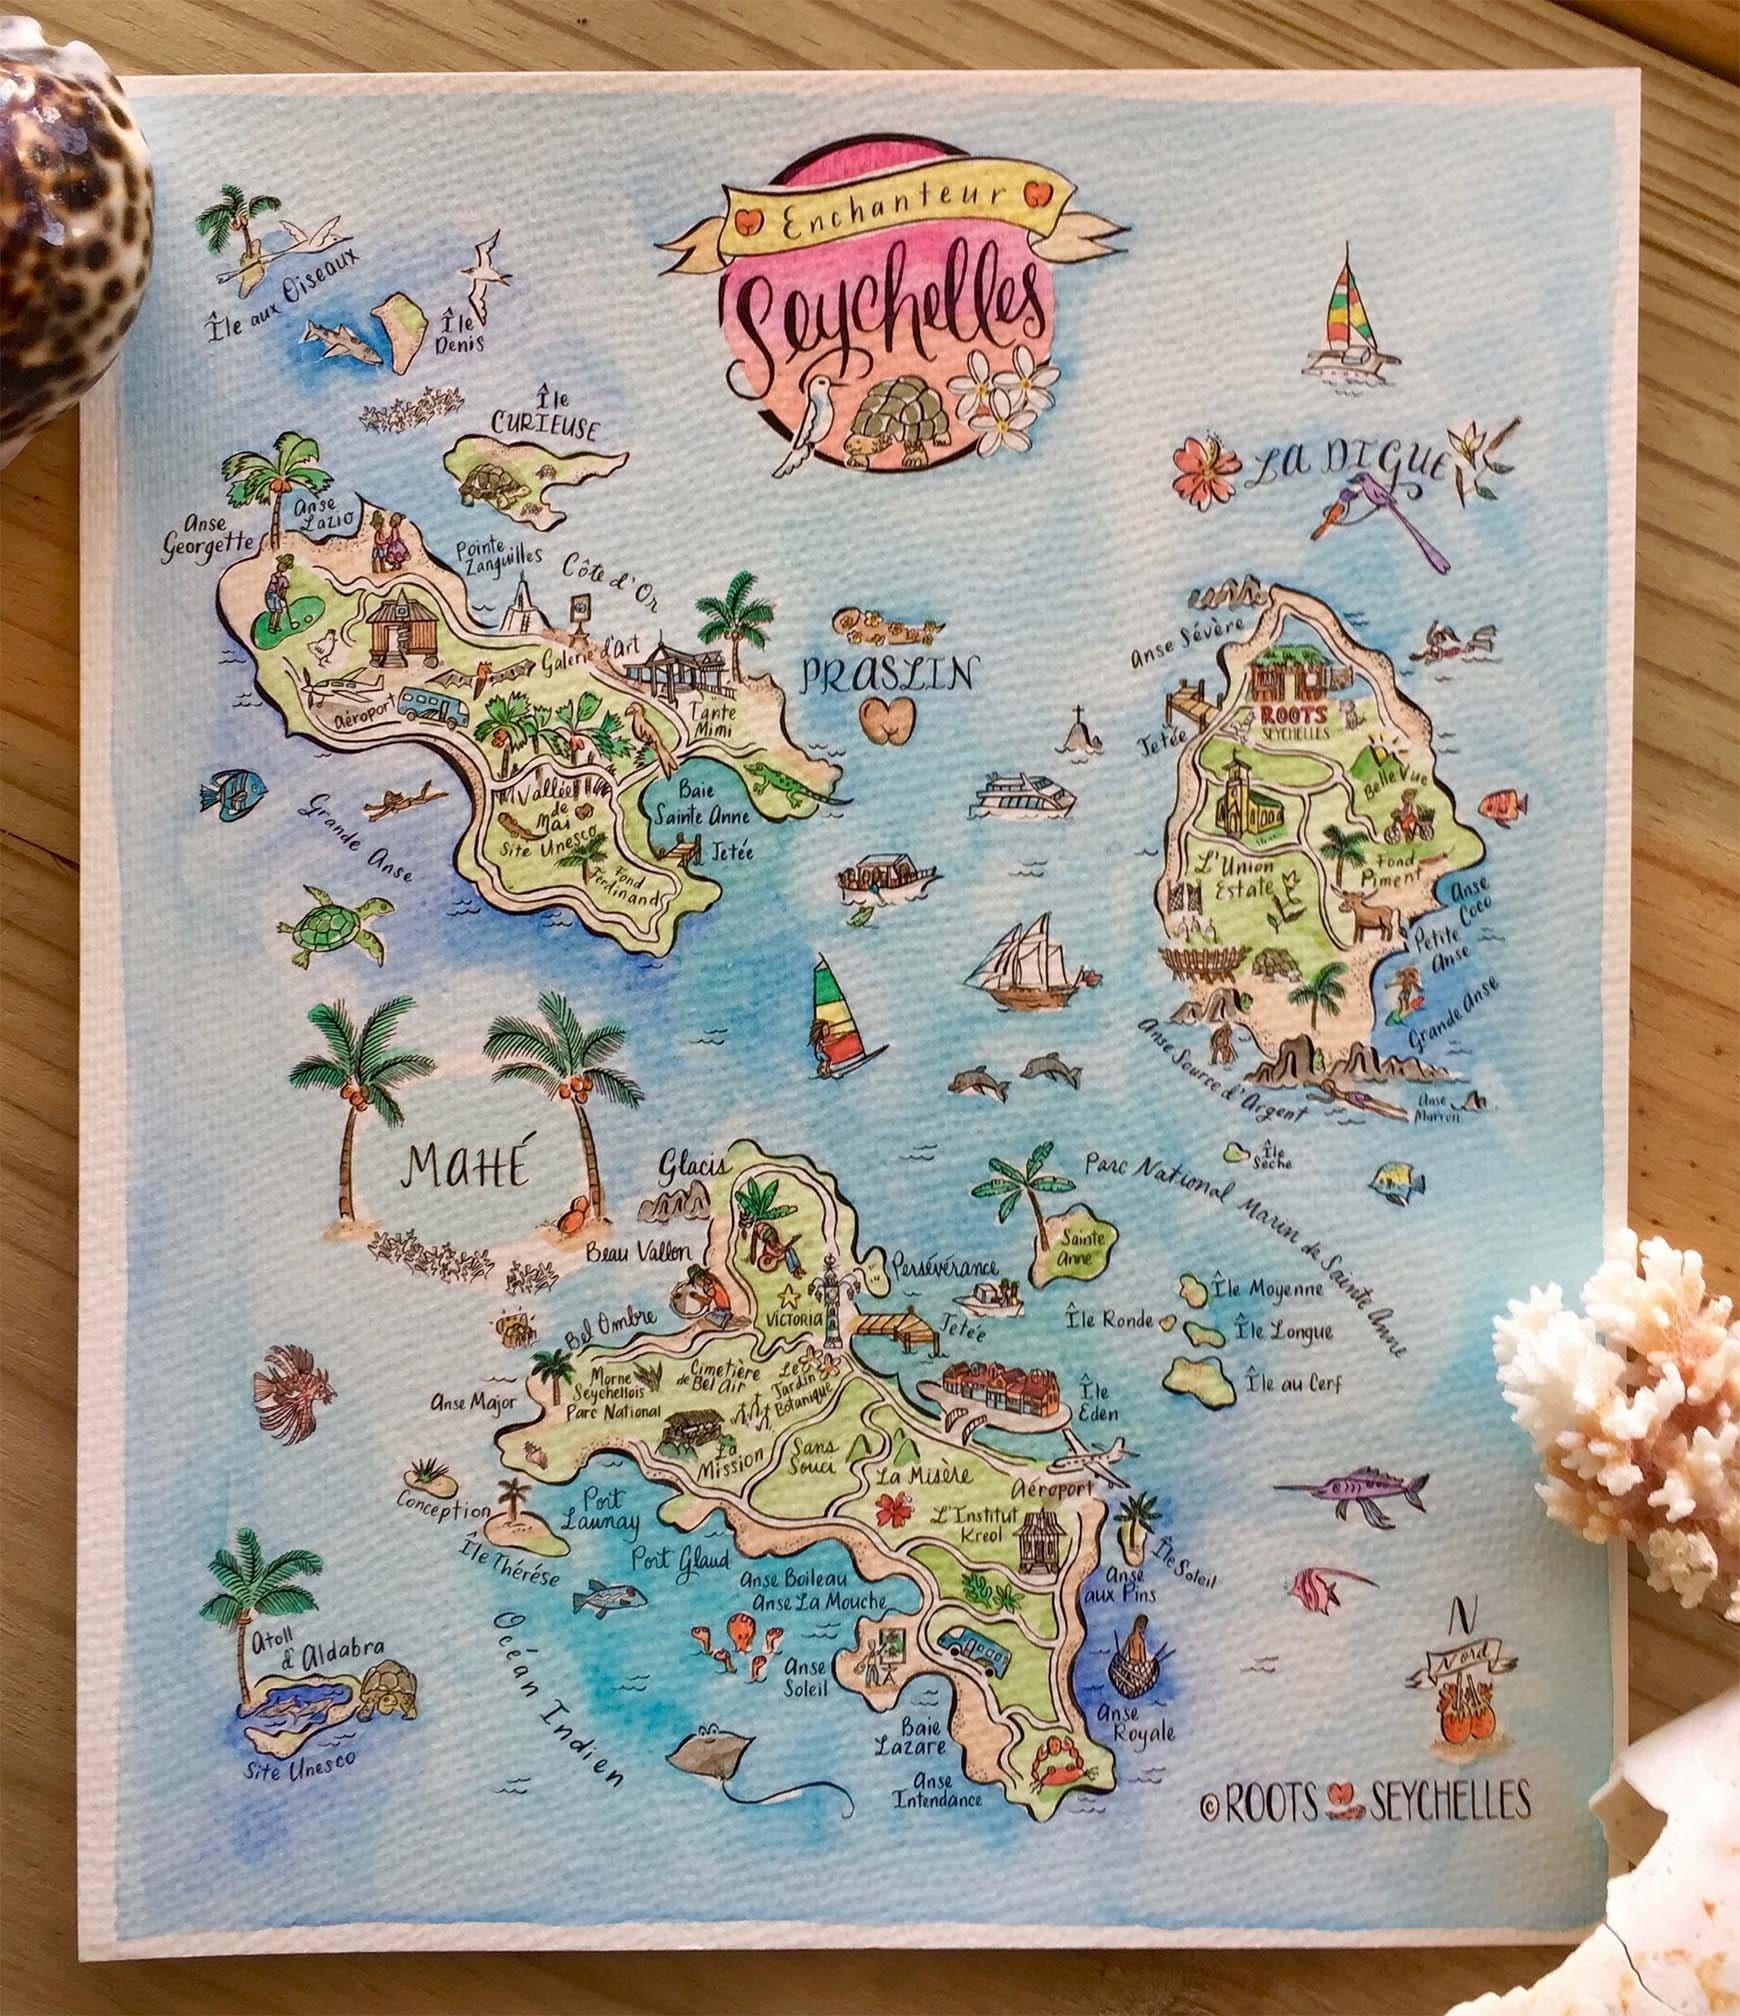 illustrierte handgemalte aquarell karte von seychellen etsy. Black Bedroom Furniture Sets. Home Design Ideas